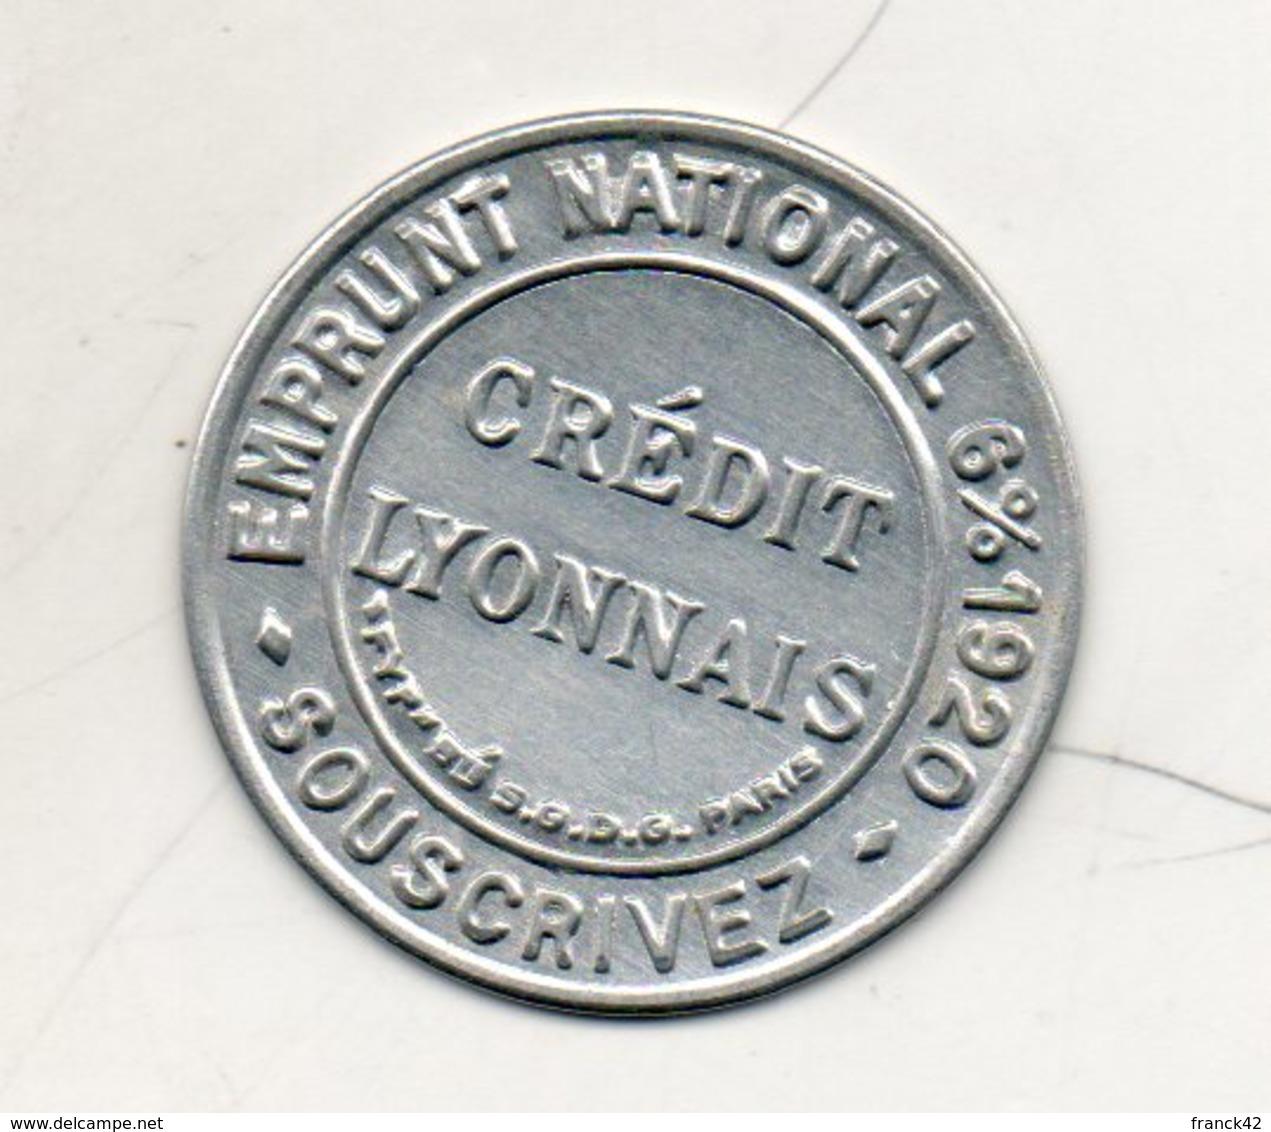 Timbre Monnaie. Crédit Lyonnais. Emprunt National 6% 1920 - Monétaires / De Nécessité